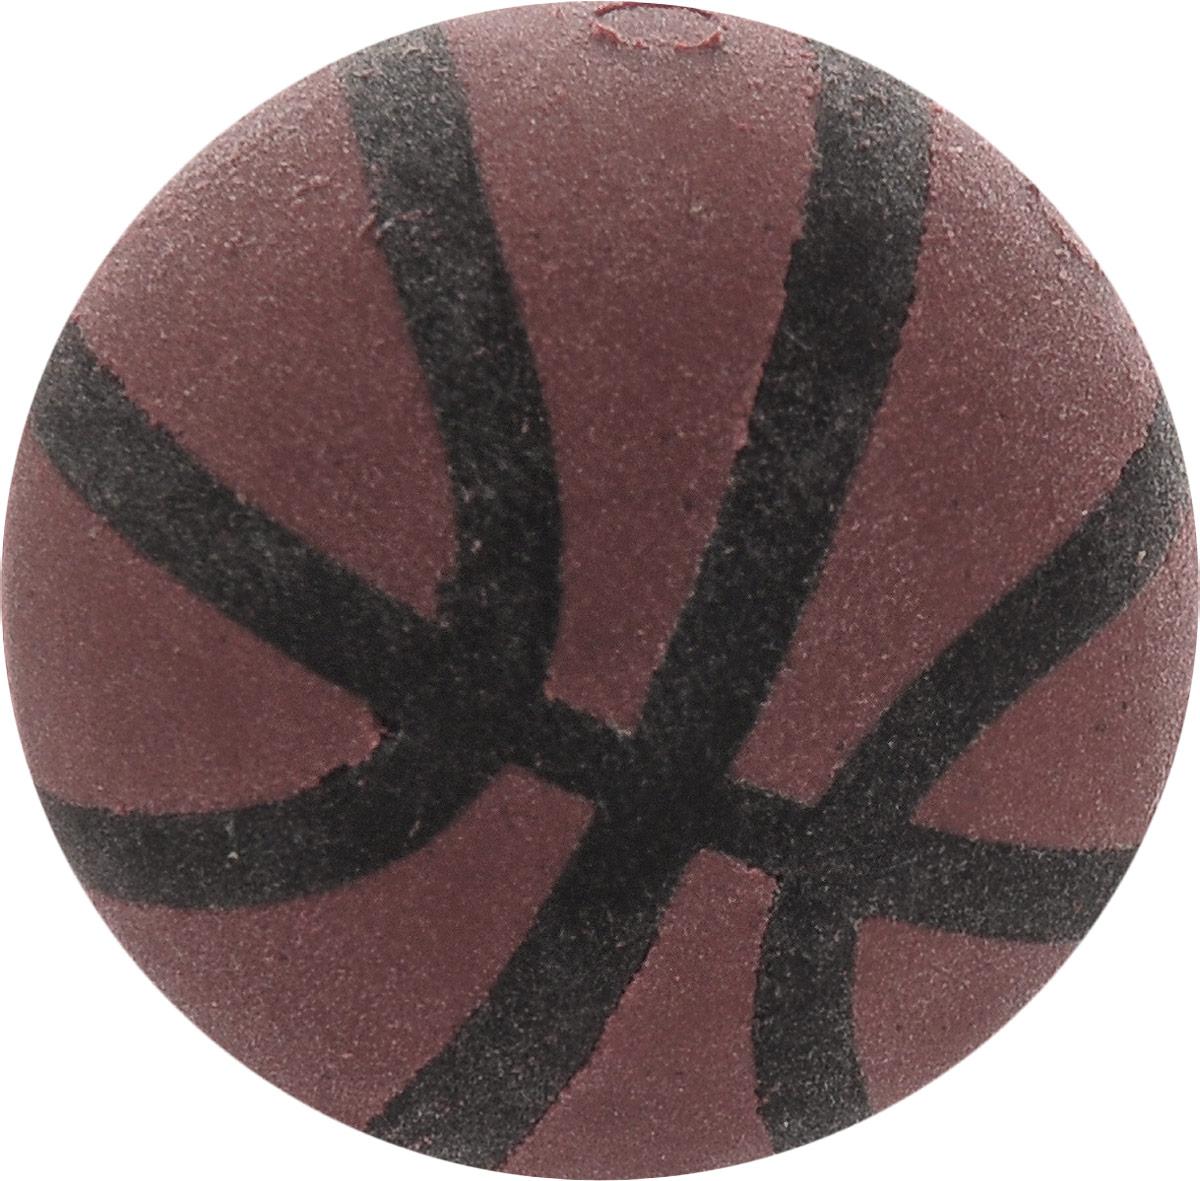 Brunnen Ластик Мяч баскетбольный цвет коричневыйE7536Ластик Brunnen Мяч баскетбольный станет незаменимым аксессуаром на рабочем столе не только школьника или студента, но и офисного работника.Он легко и без следа удаляет надписи, сделанные карандашом. Выполнен ластик из прочного и безопасного материала.